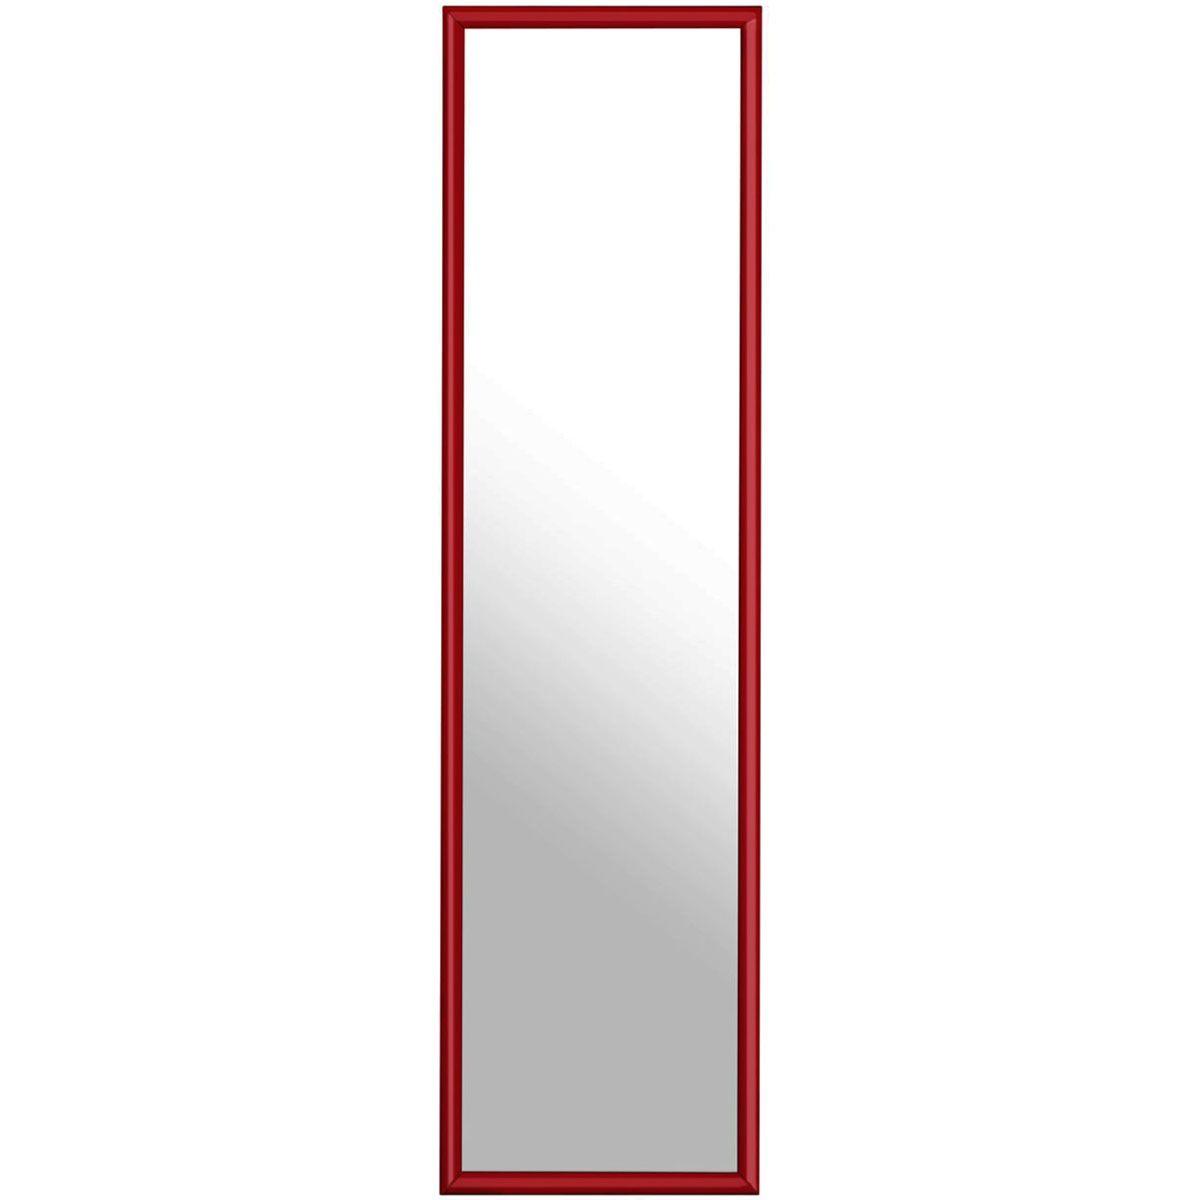 Premier Housewares Plastic Frame Over Door Mirror - Red